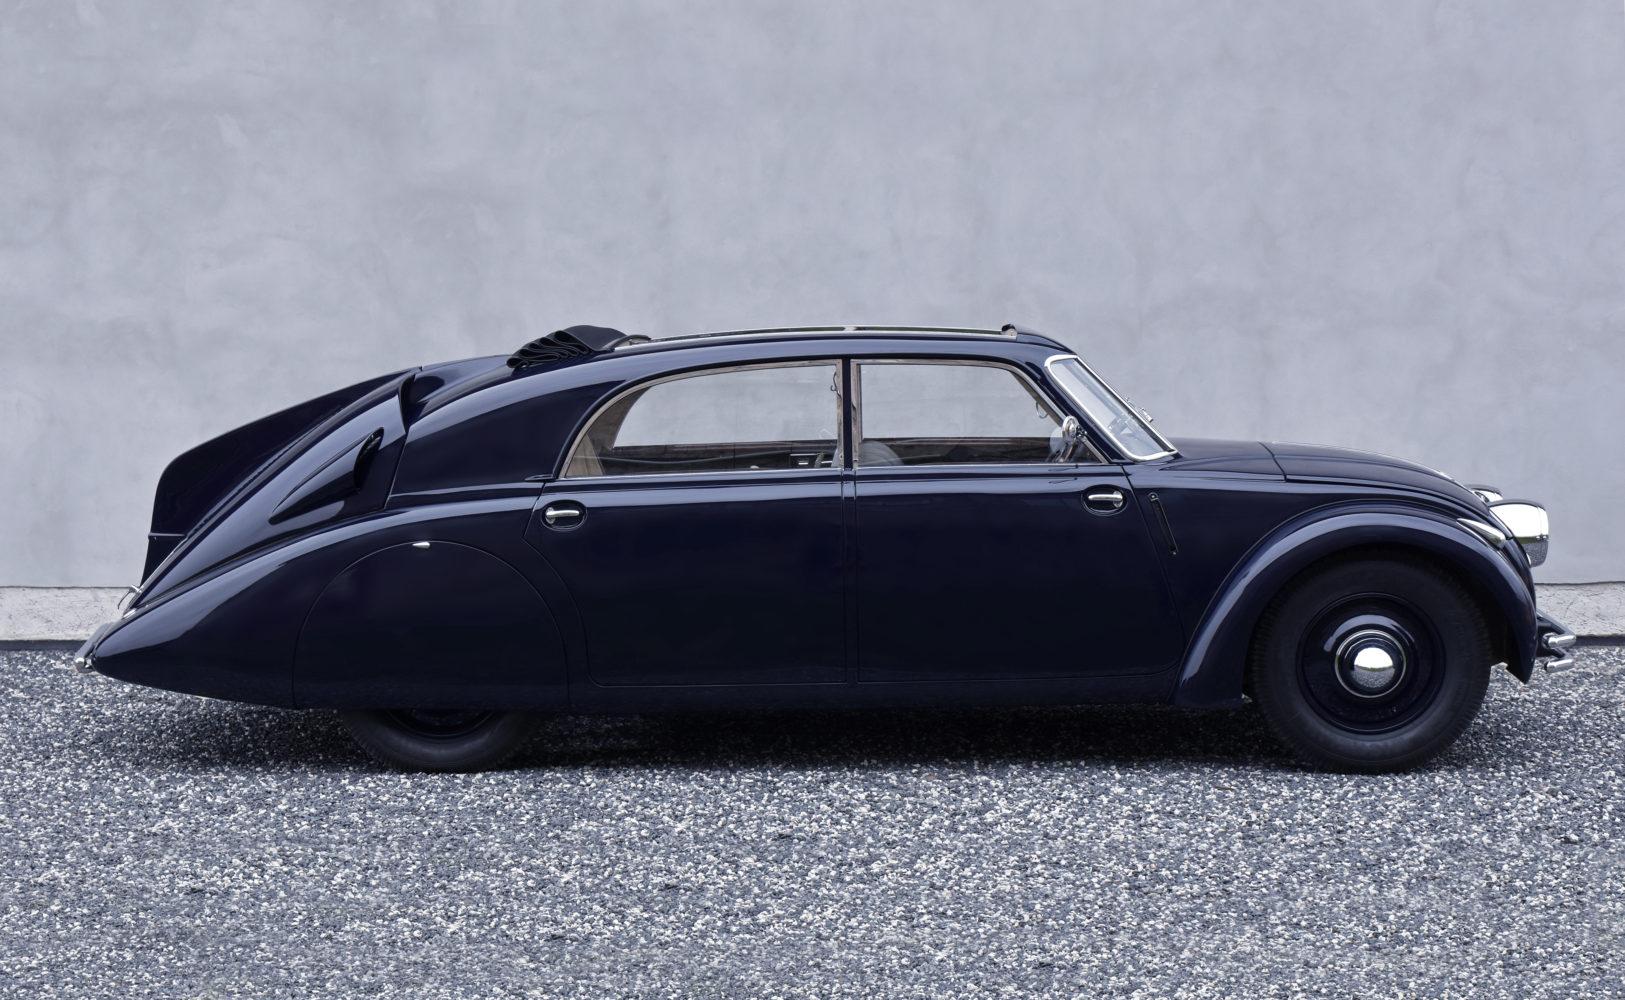 Car of the Week: Tatra 77